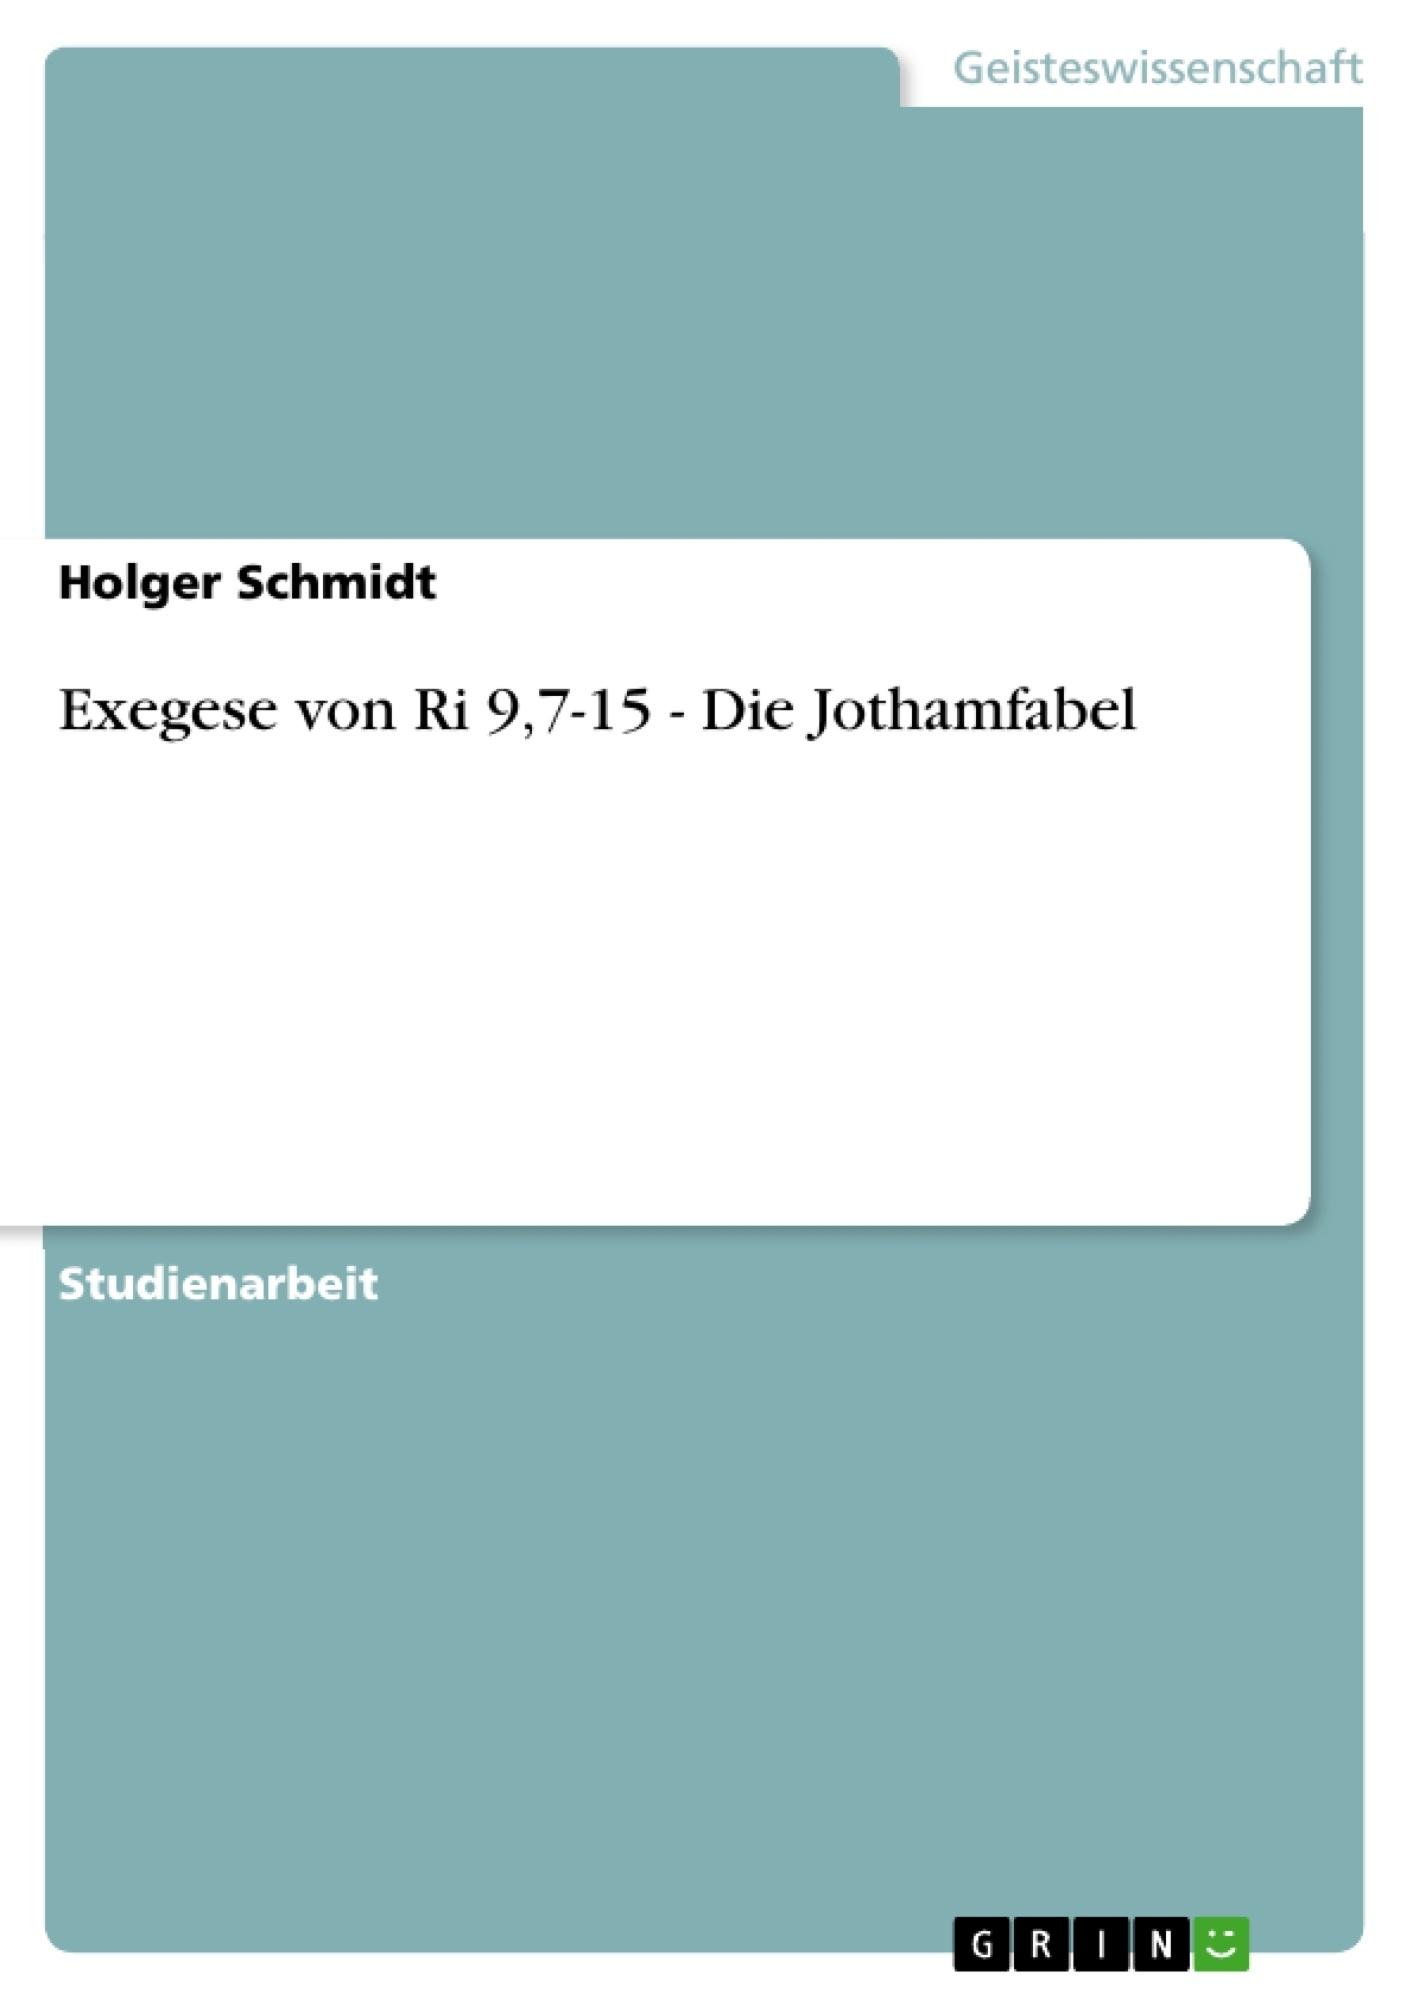 Titel: Exegese von Ri 9,7-15 - Die Jothamfabel